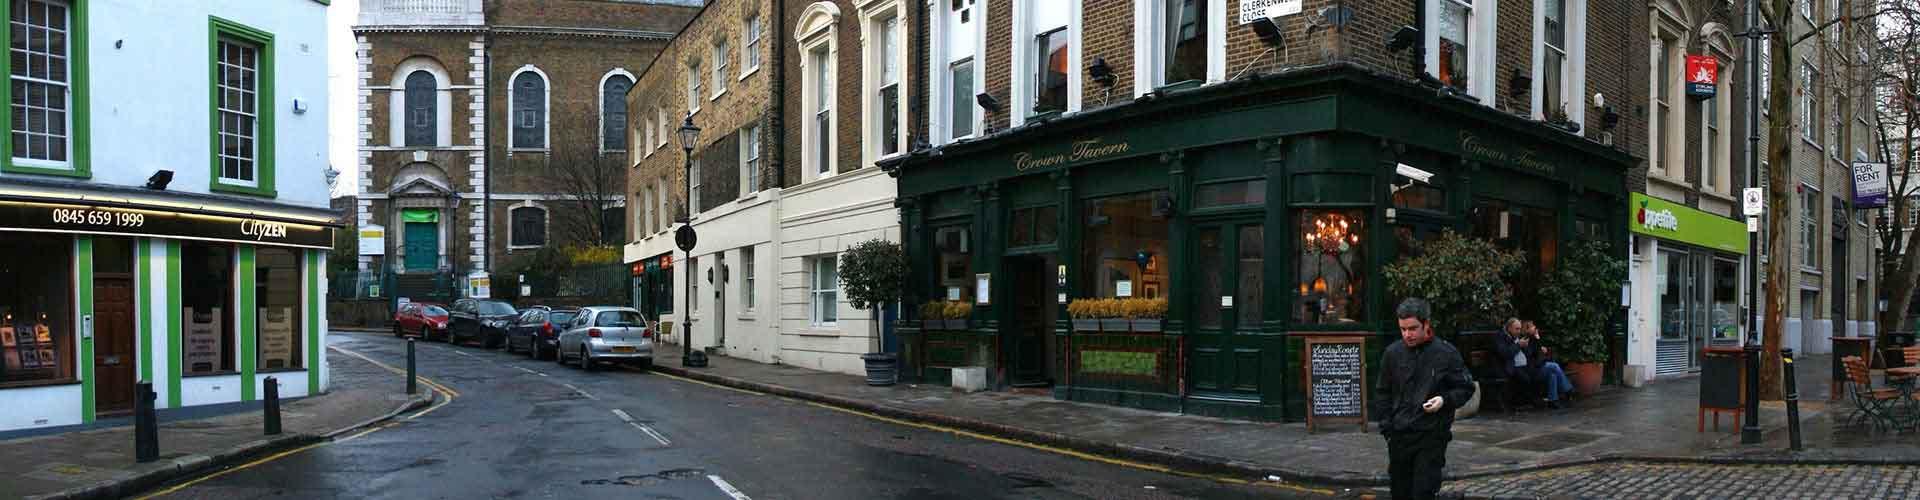 Londres - Hôtels dans le quartier de Clerkenwell. Cartes pour Londres, photos et commentaires pour chaque hôtel à Londres.